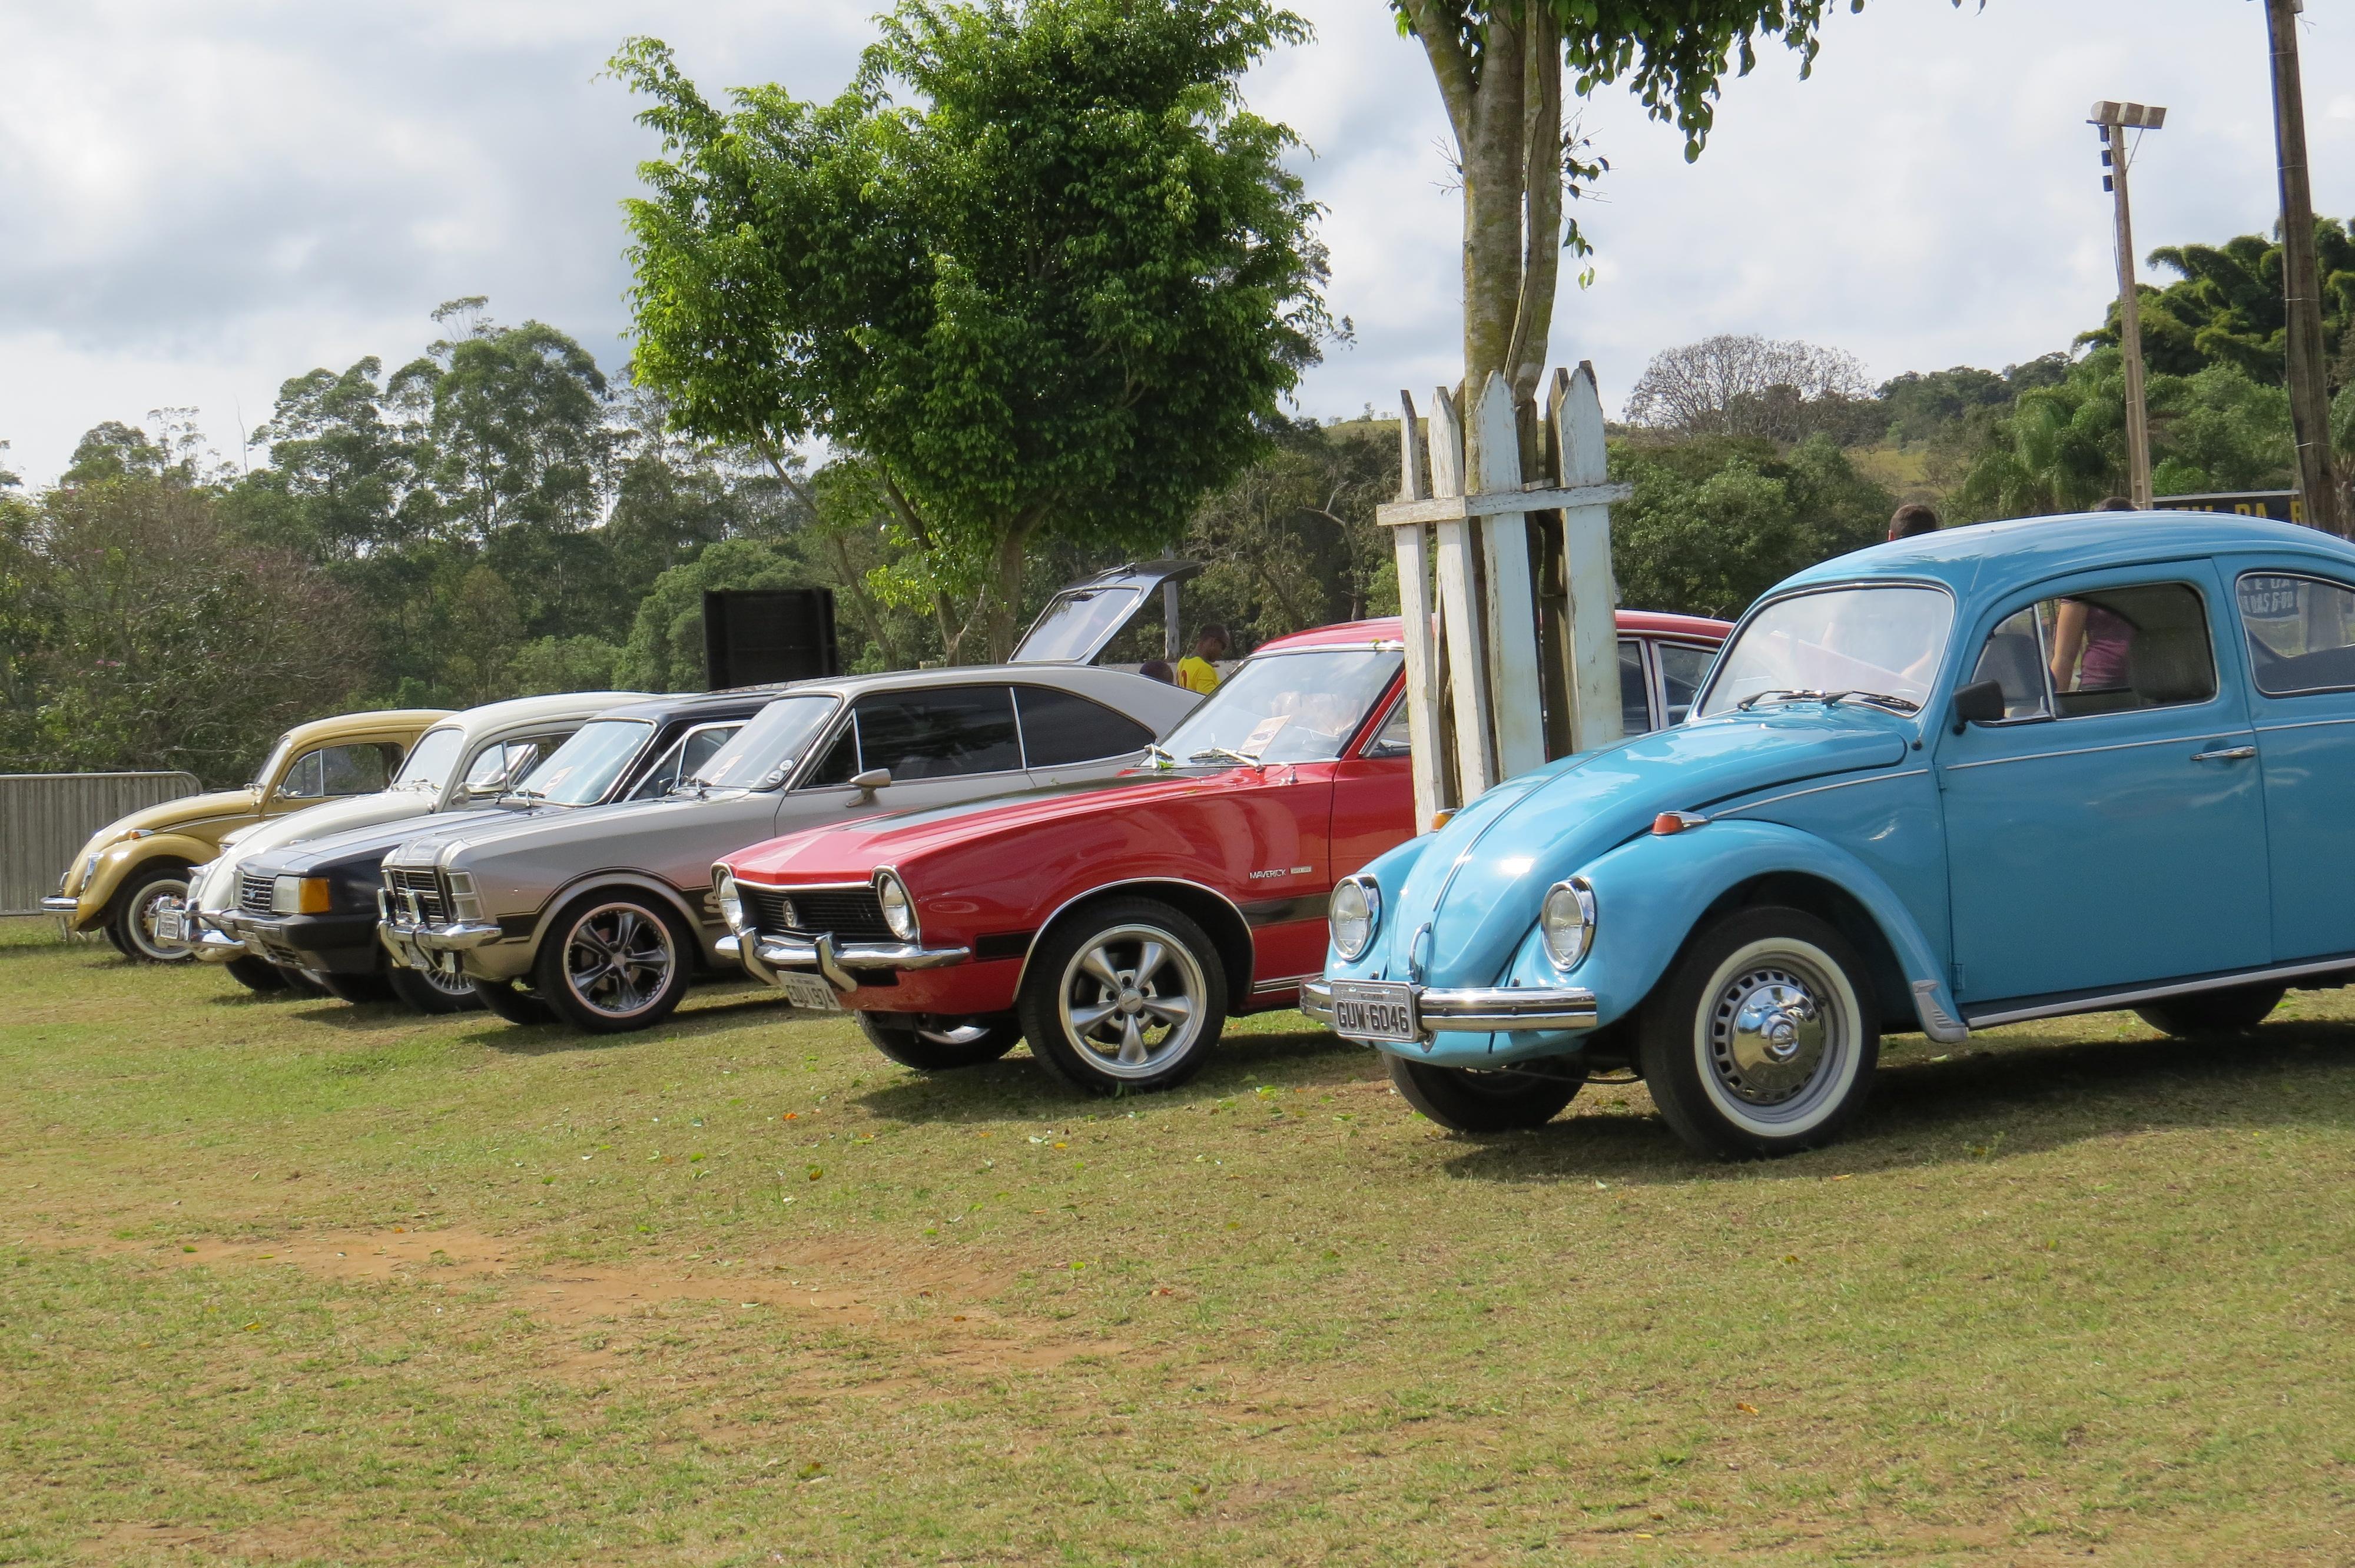 IMG 4943 - 3º Grande Encontro dos Carros Antigos do Sul de Minas